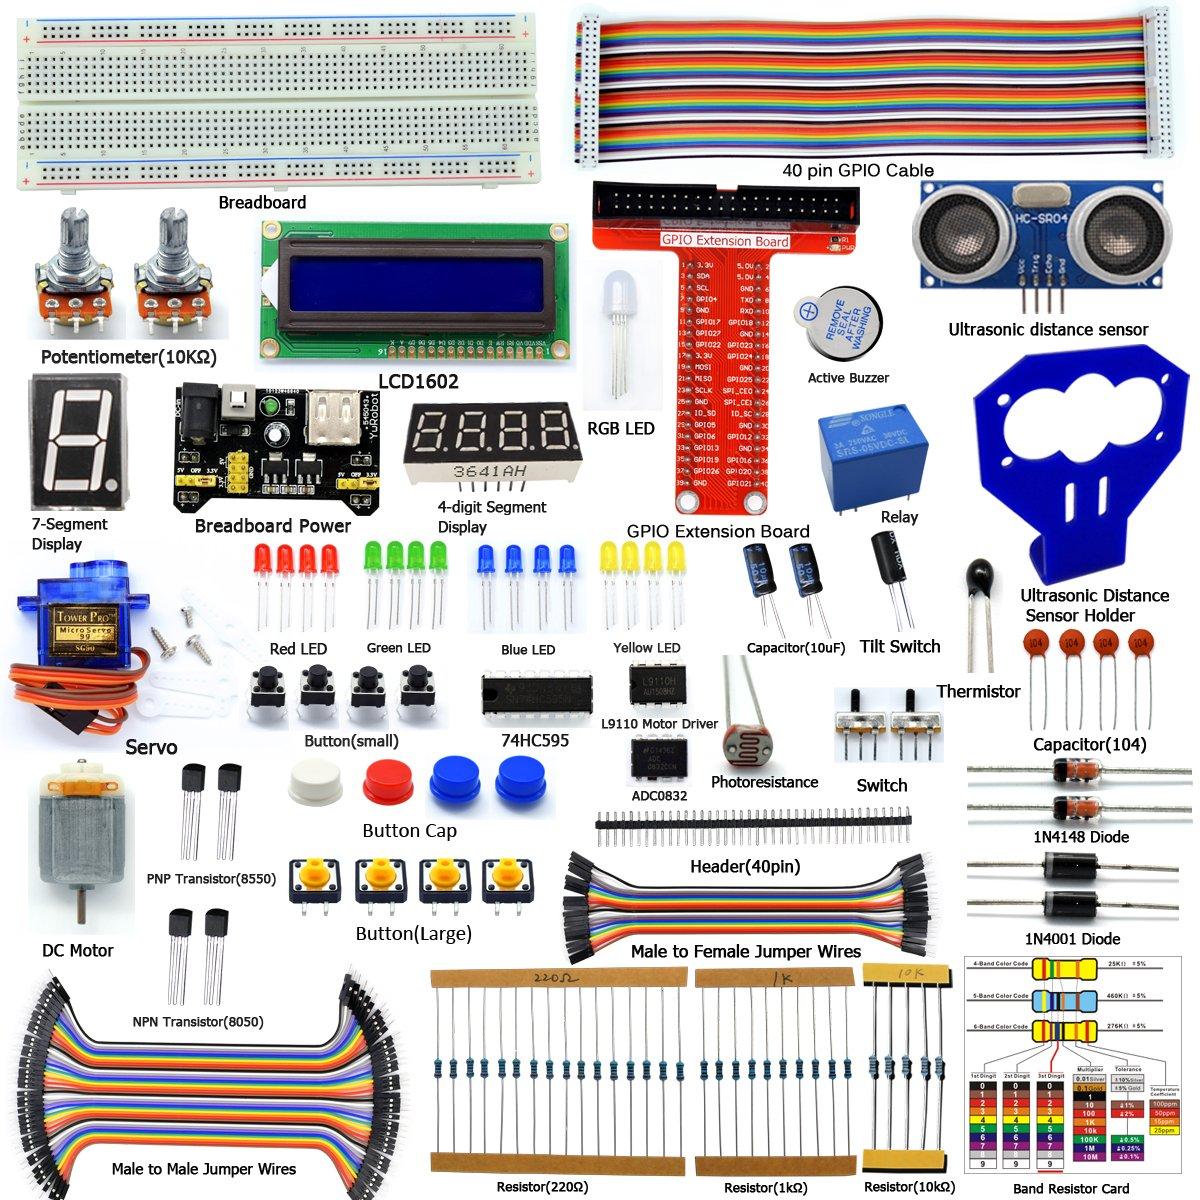 Adeept Ultrasonic Distance Sensor Starter kit for Raspberry Pi 3, 2 Model B/B+, LCD1602, Motor, C and Python Code, Beginner/Starter Kit for Raspberry Pi with User Manual/Guidebook